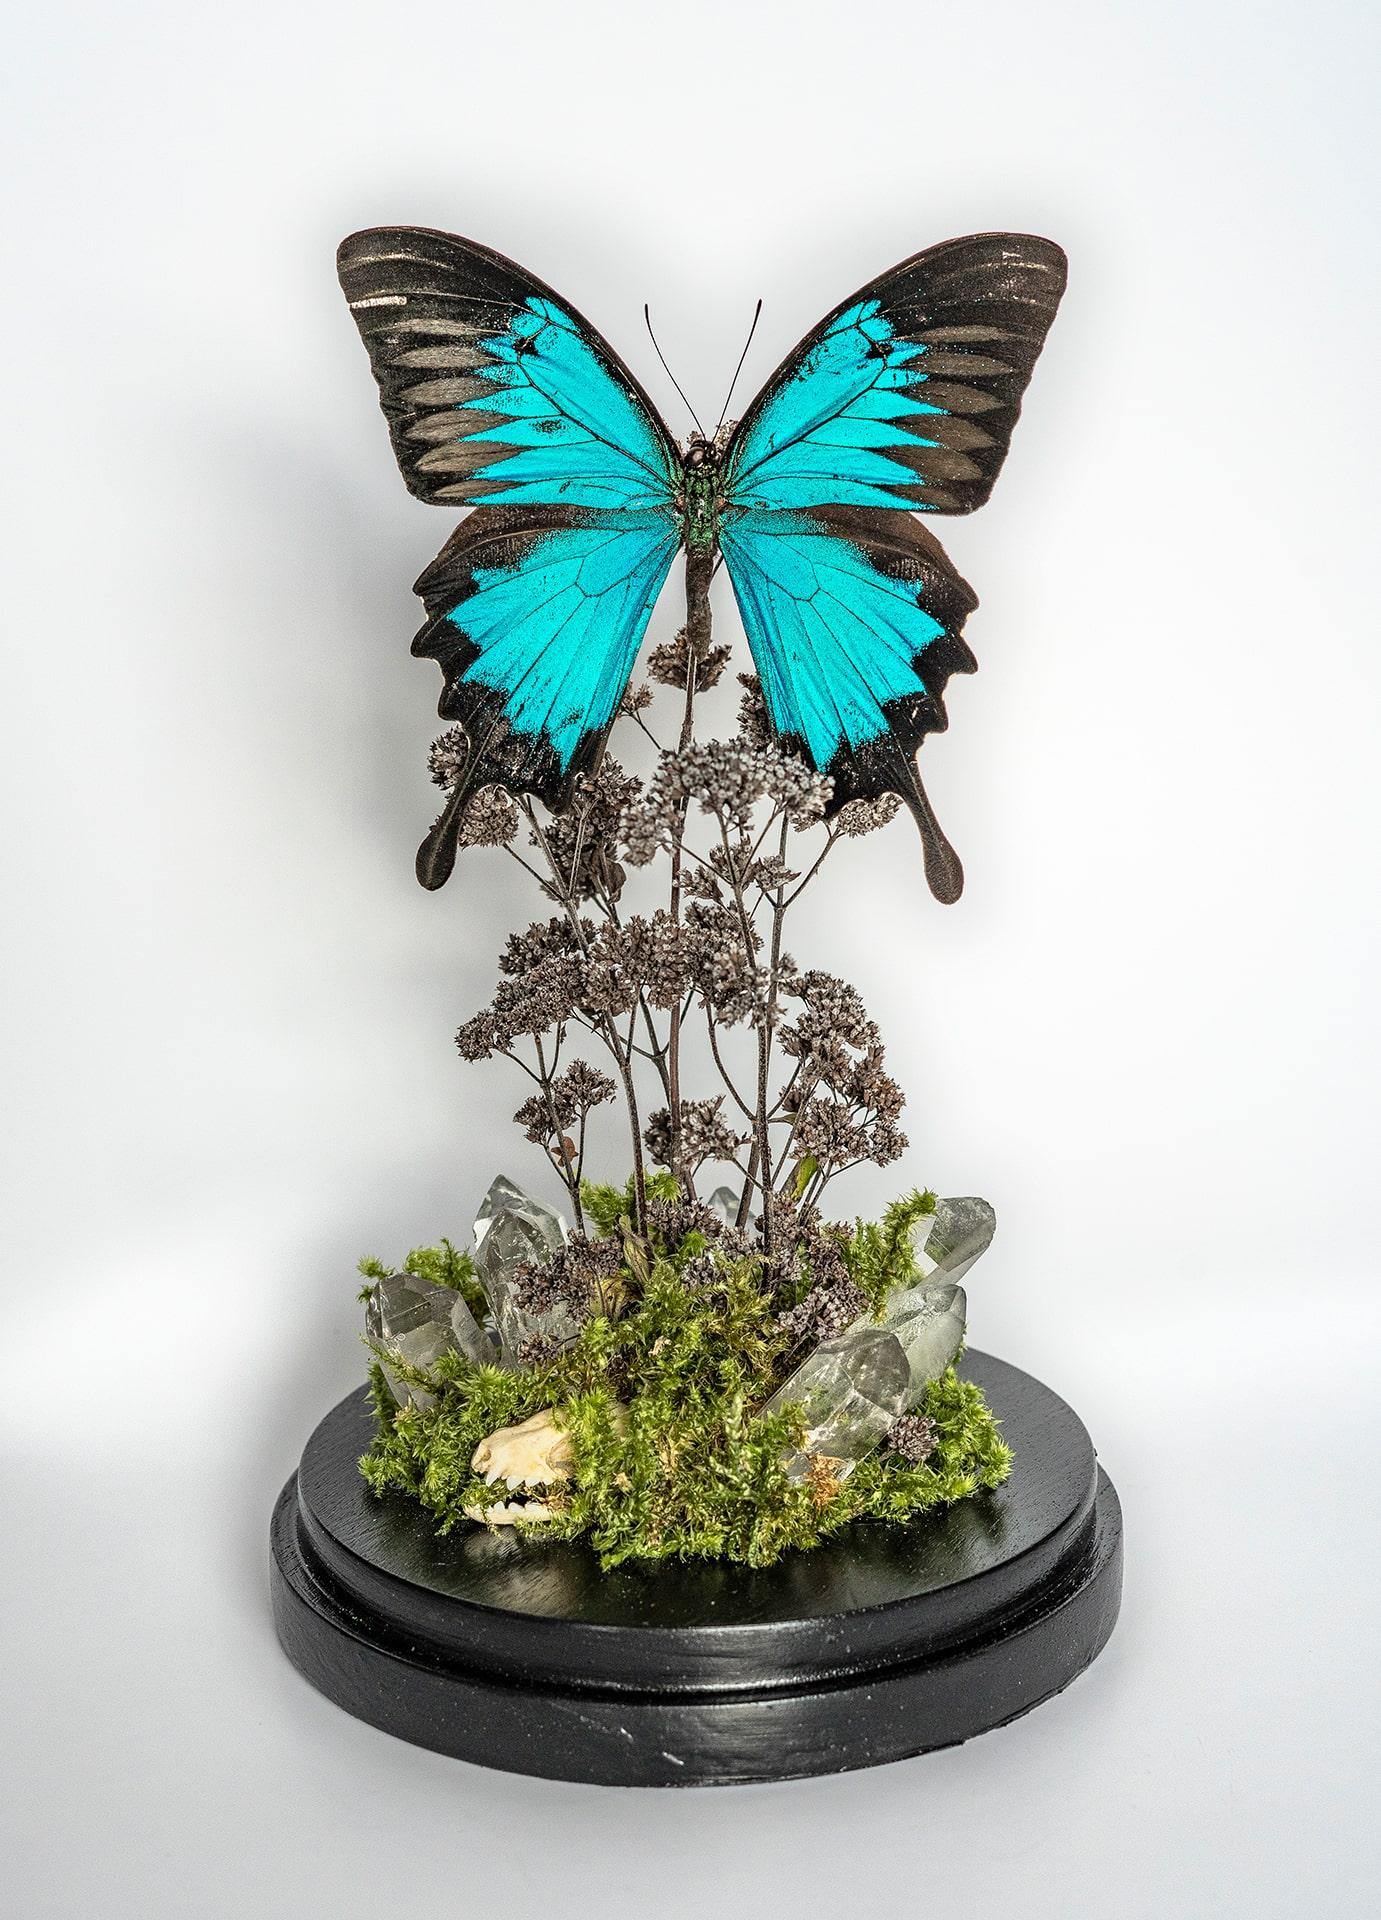 Blog Lifestyle - Que fait-on des insectes empaillés ? - Suivre sa Joie - Saskia Parein